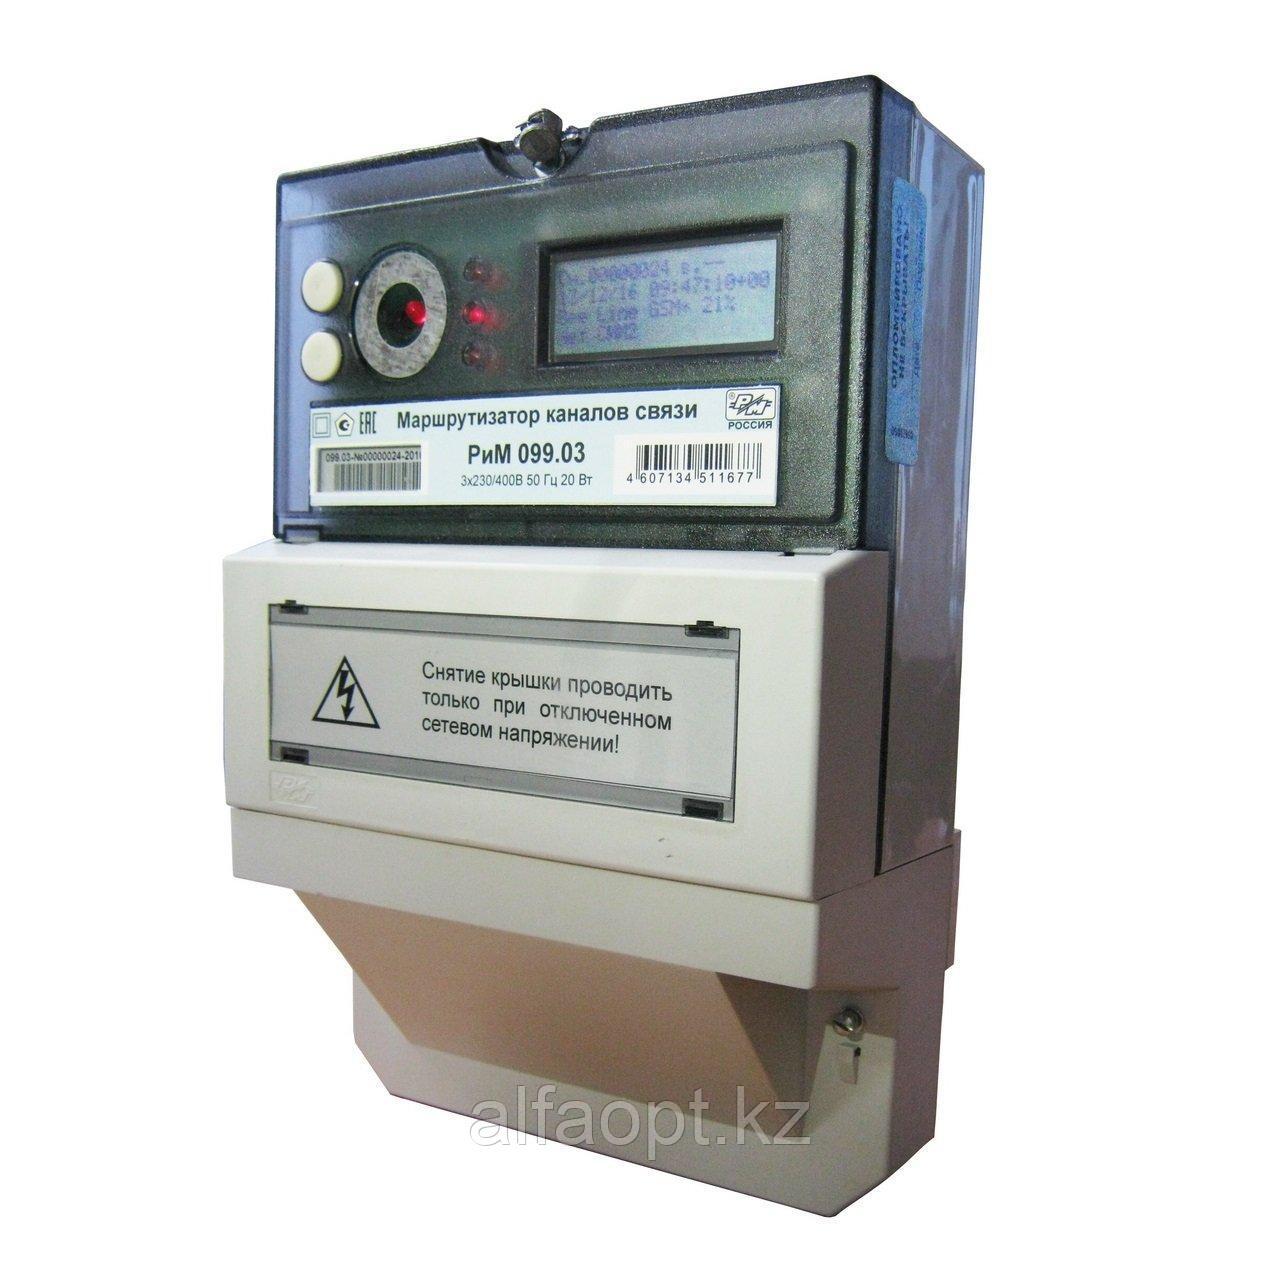 Маршрутизатор РИМ 099.03 в комплекте с монтажным устройством для РиМ 000.01